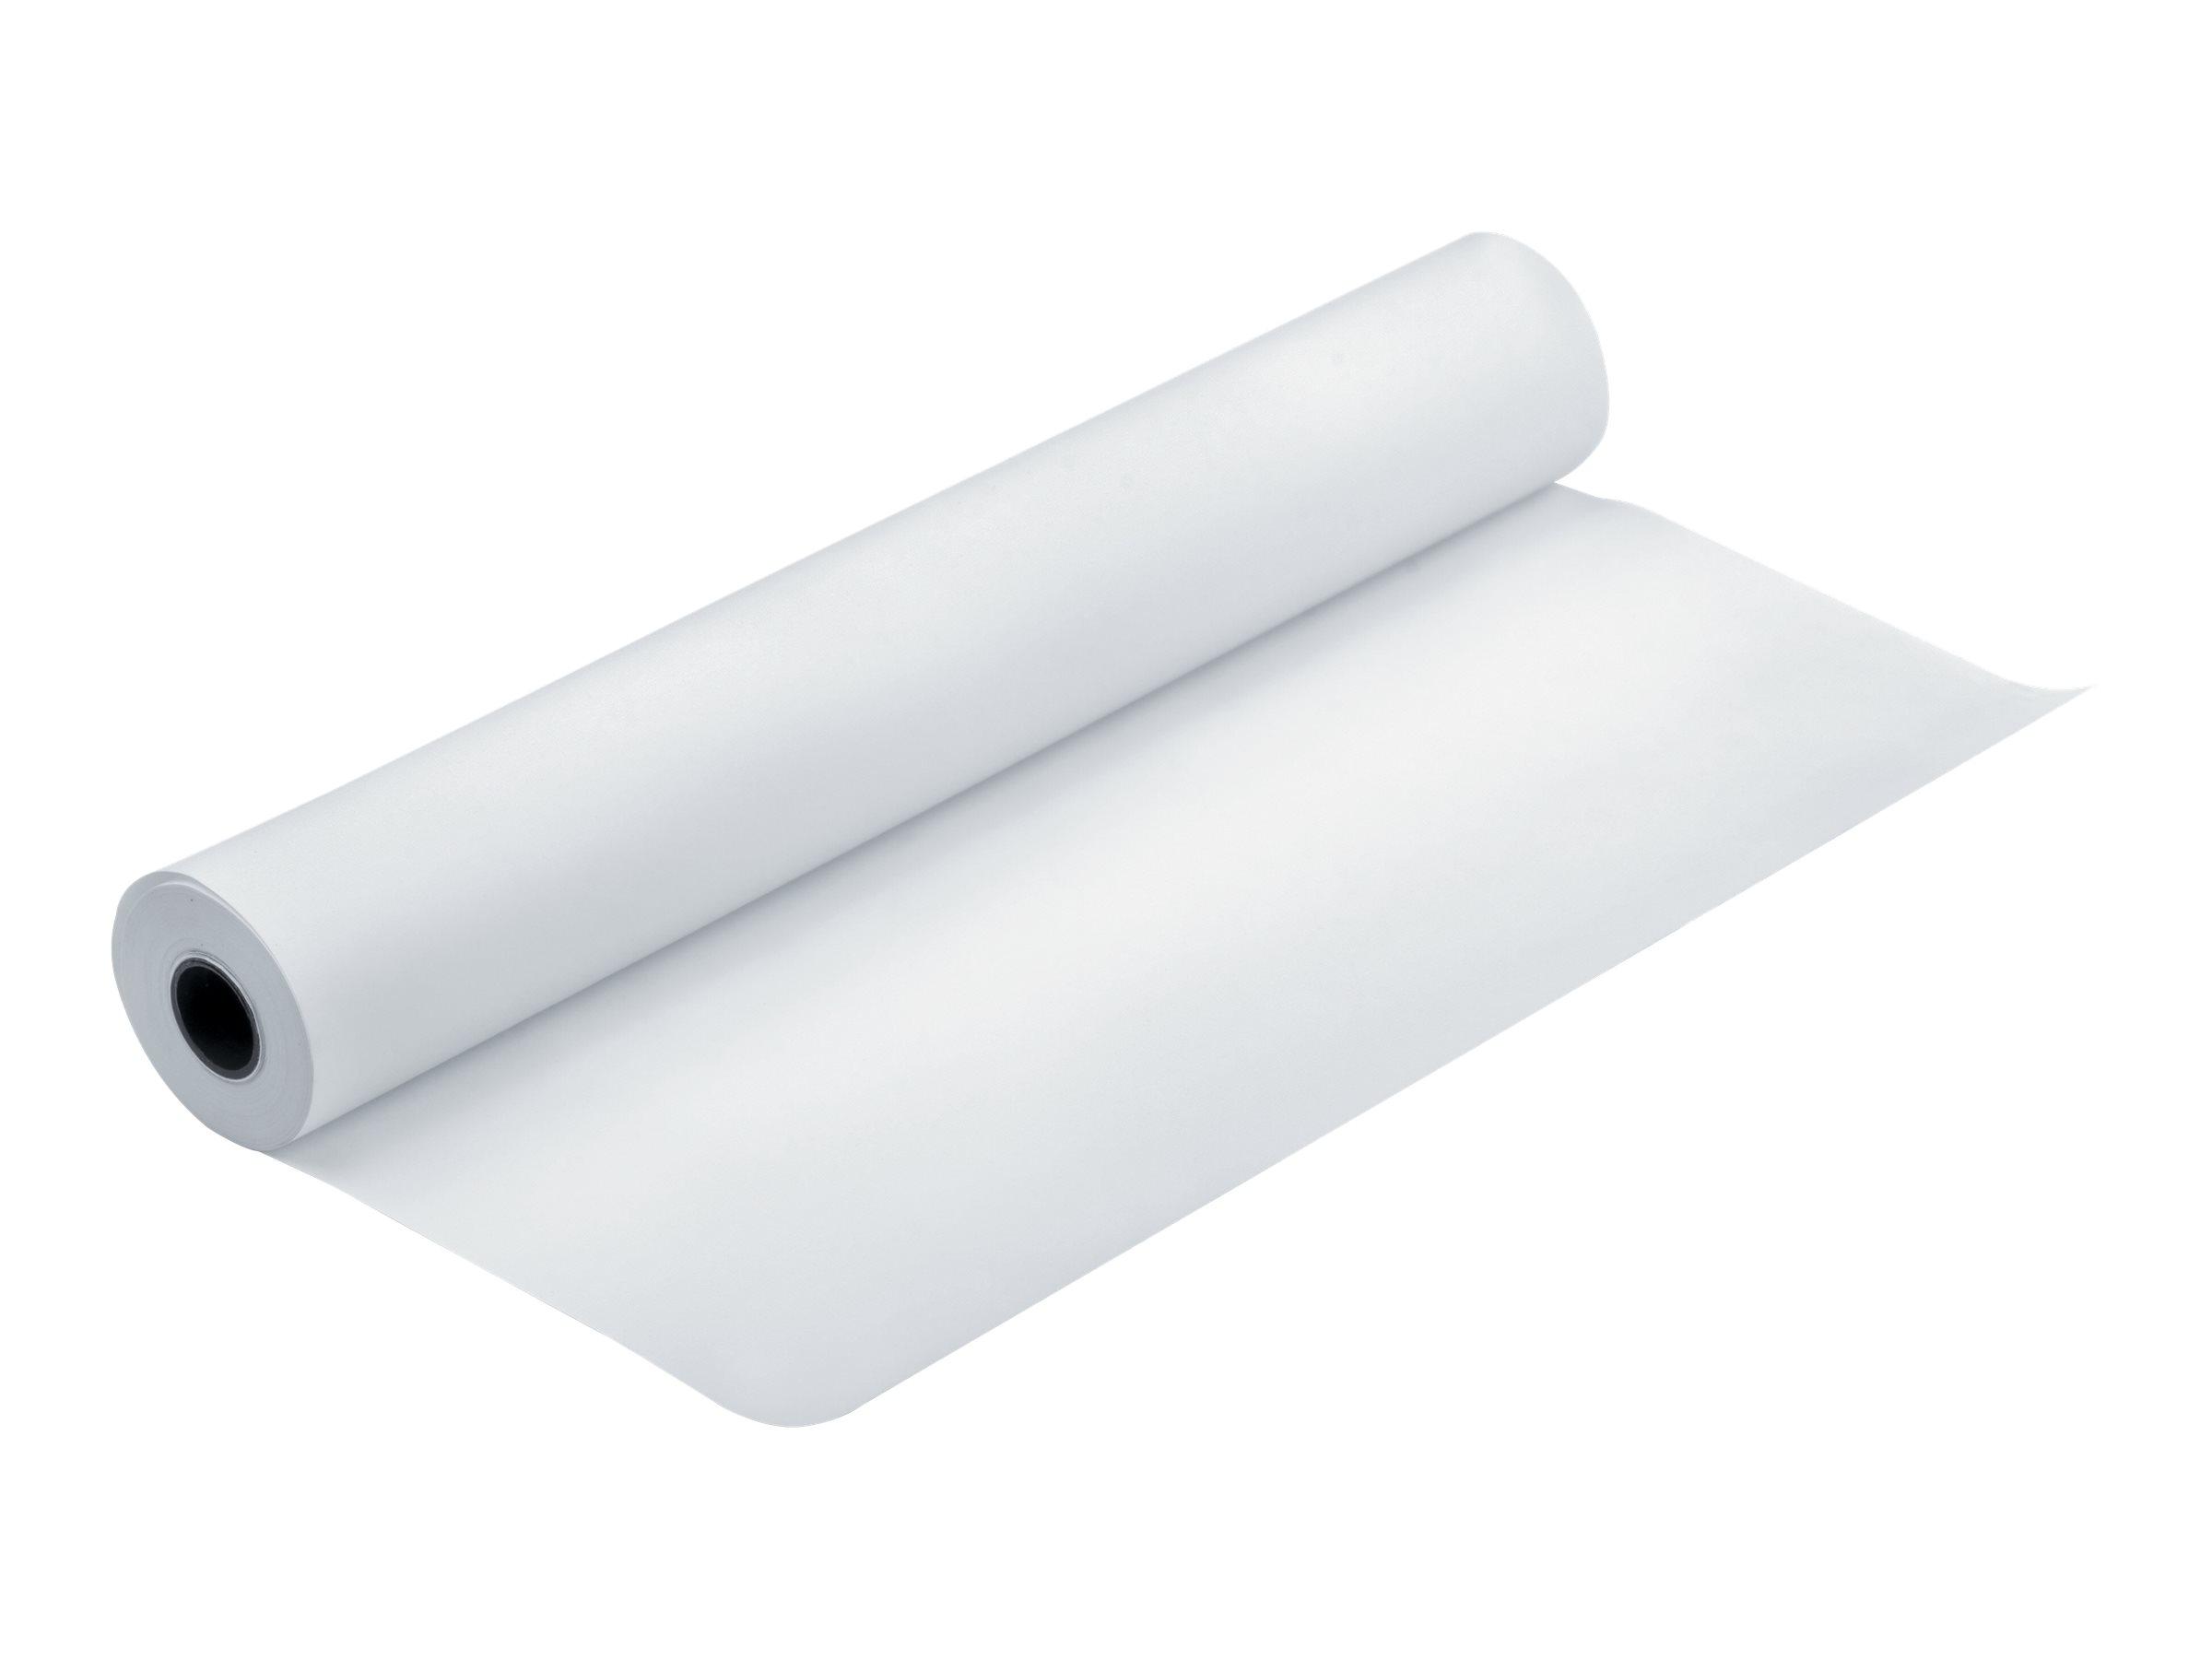 Epson Premium - Glänzend - Rolle (111,8 cm x 30,5 m) - 260 g/m² - 1 Rolle(n) Fotopapier - für Stylus Pro 11880, Pro 98XX; SureCo